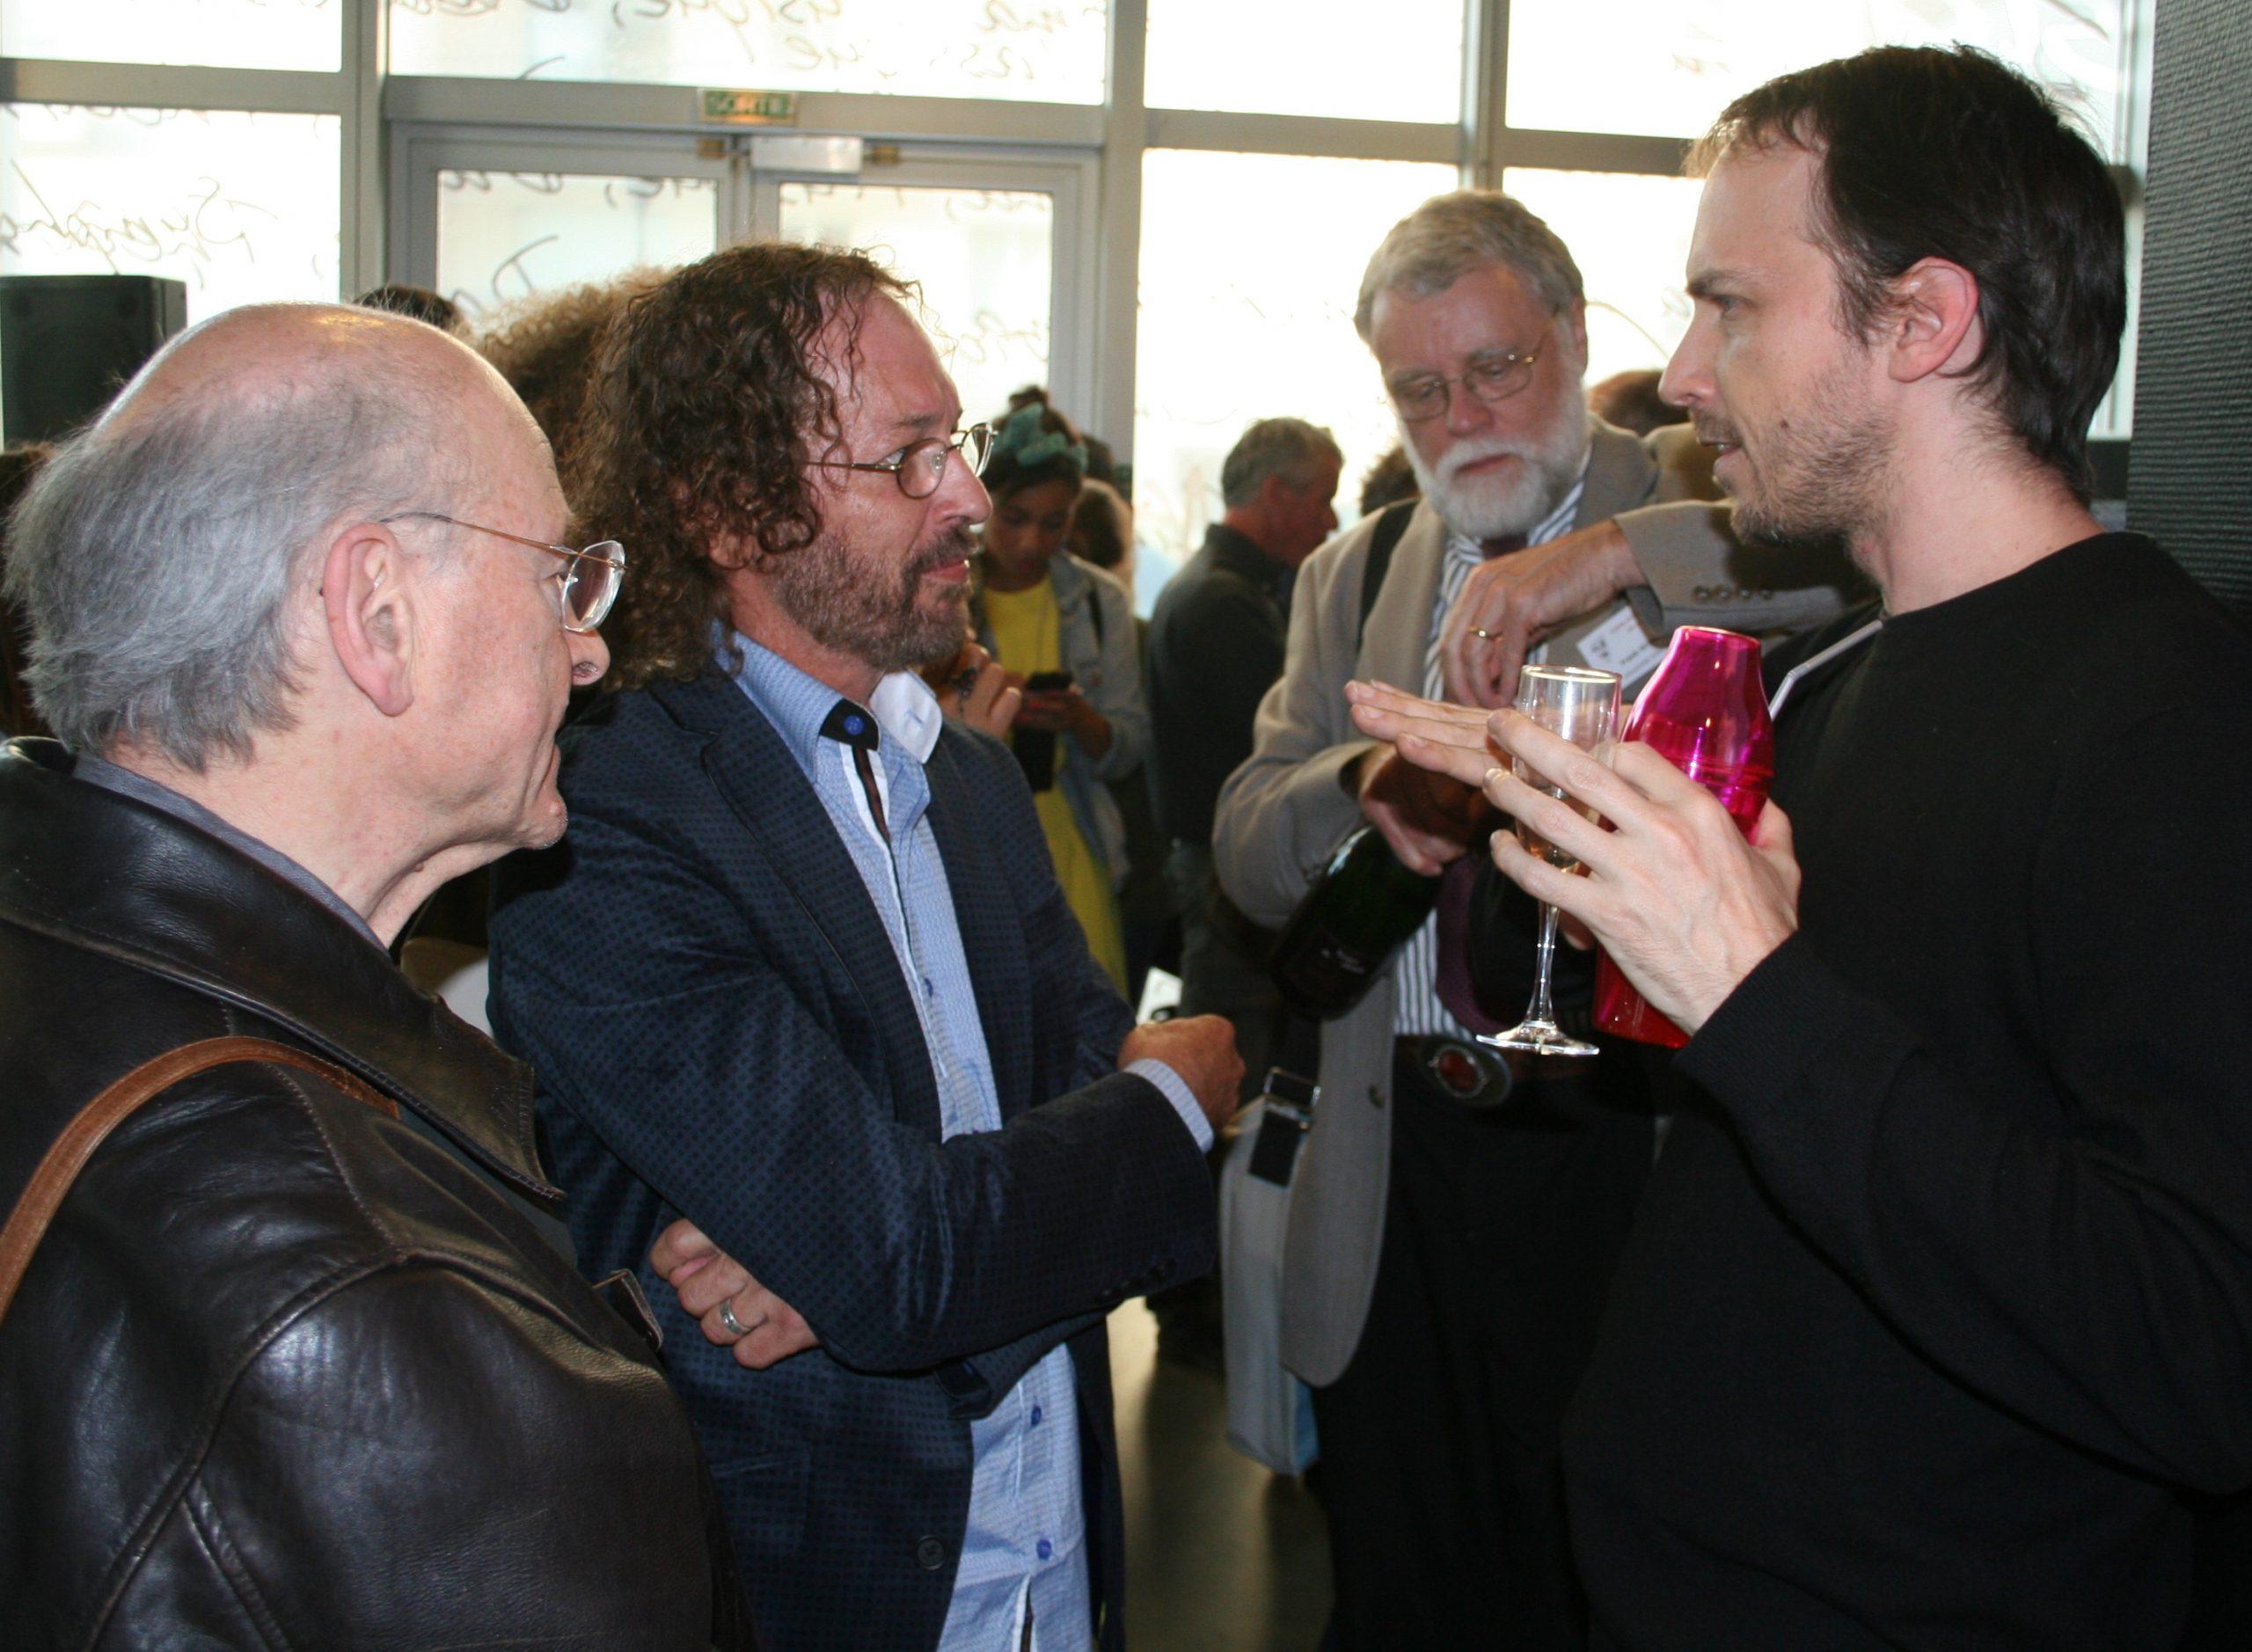 Durante la exposición en París, Josean Ramos comparte (de izquierda a derecha) con Adolph Nysenholc, de la Universidad Libre de Bruxellas; Frank Sheide, de la Universidad de  Arkansas; y en primer plano a la derecha, Charly Sistovaris, nieto de Chaplin. (Foto suministrada)